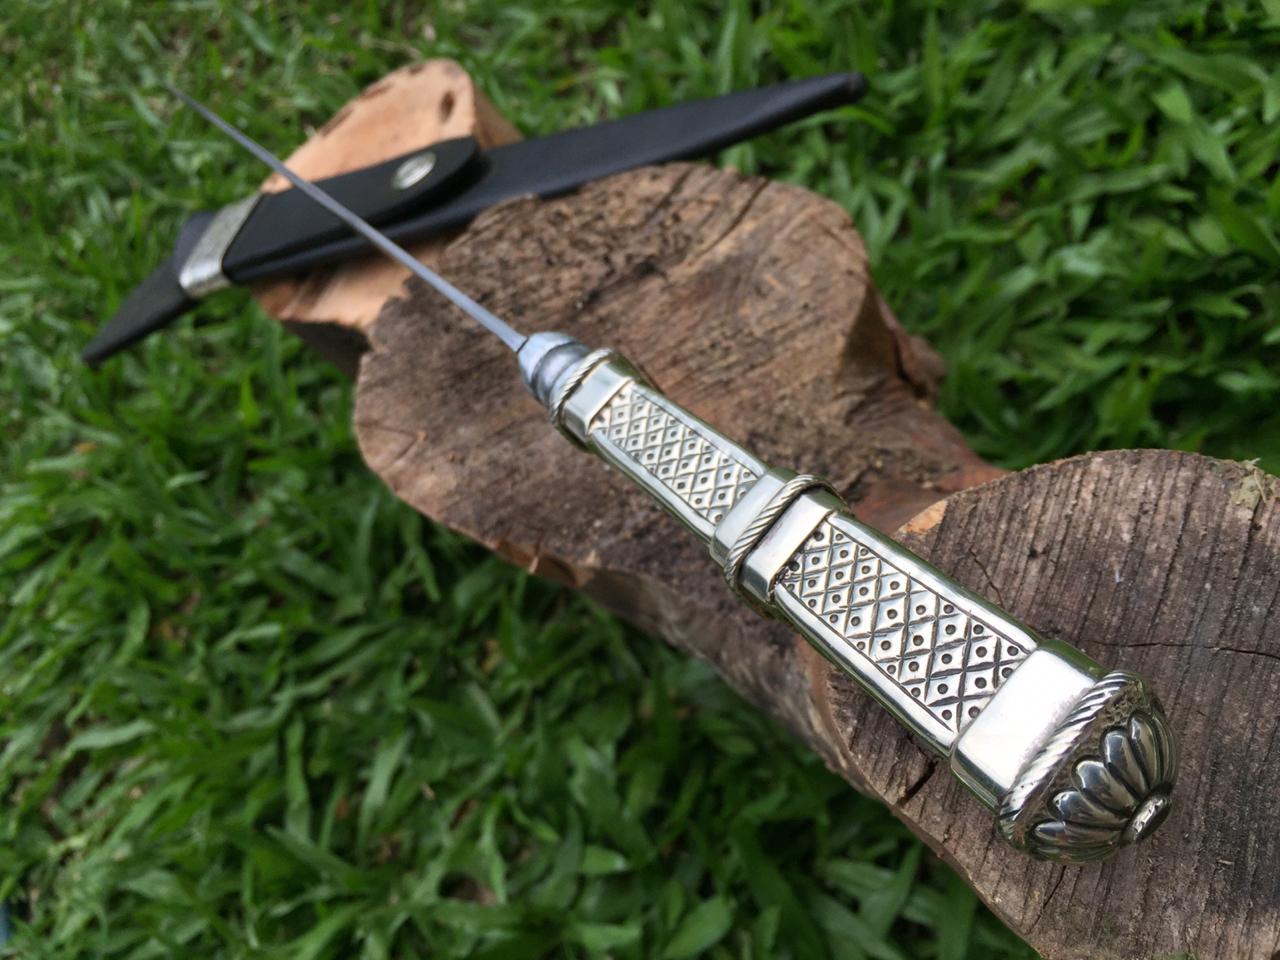 Faca artesanal picassa antiga 9 polegadas